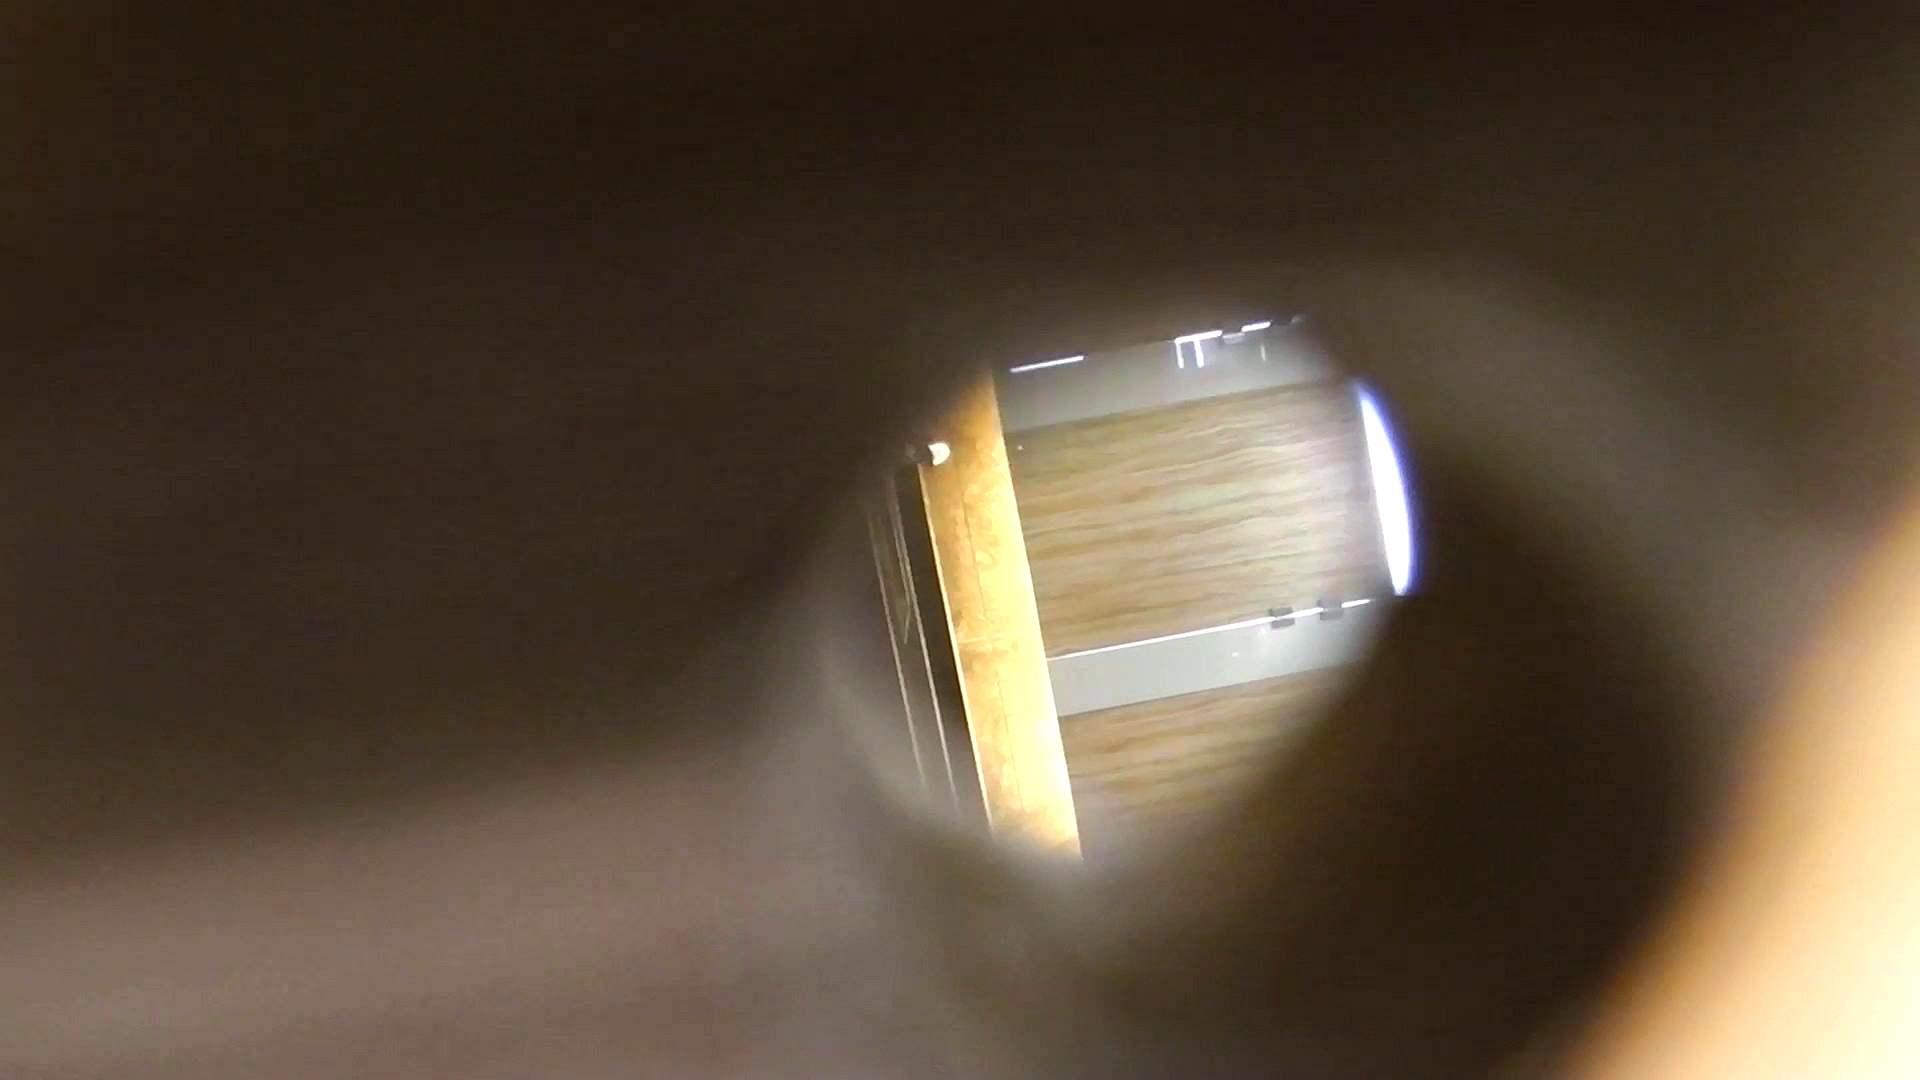 阿国ちゃんの「和式洋式七変化」No.2 和式で・・・ | 洗面所 盗撮 75画像 49